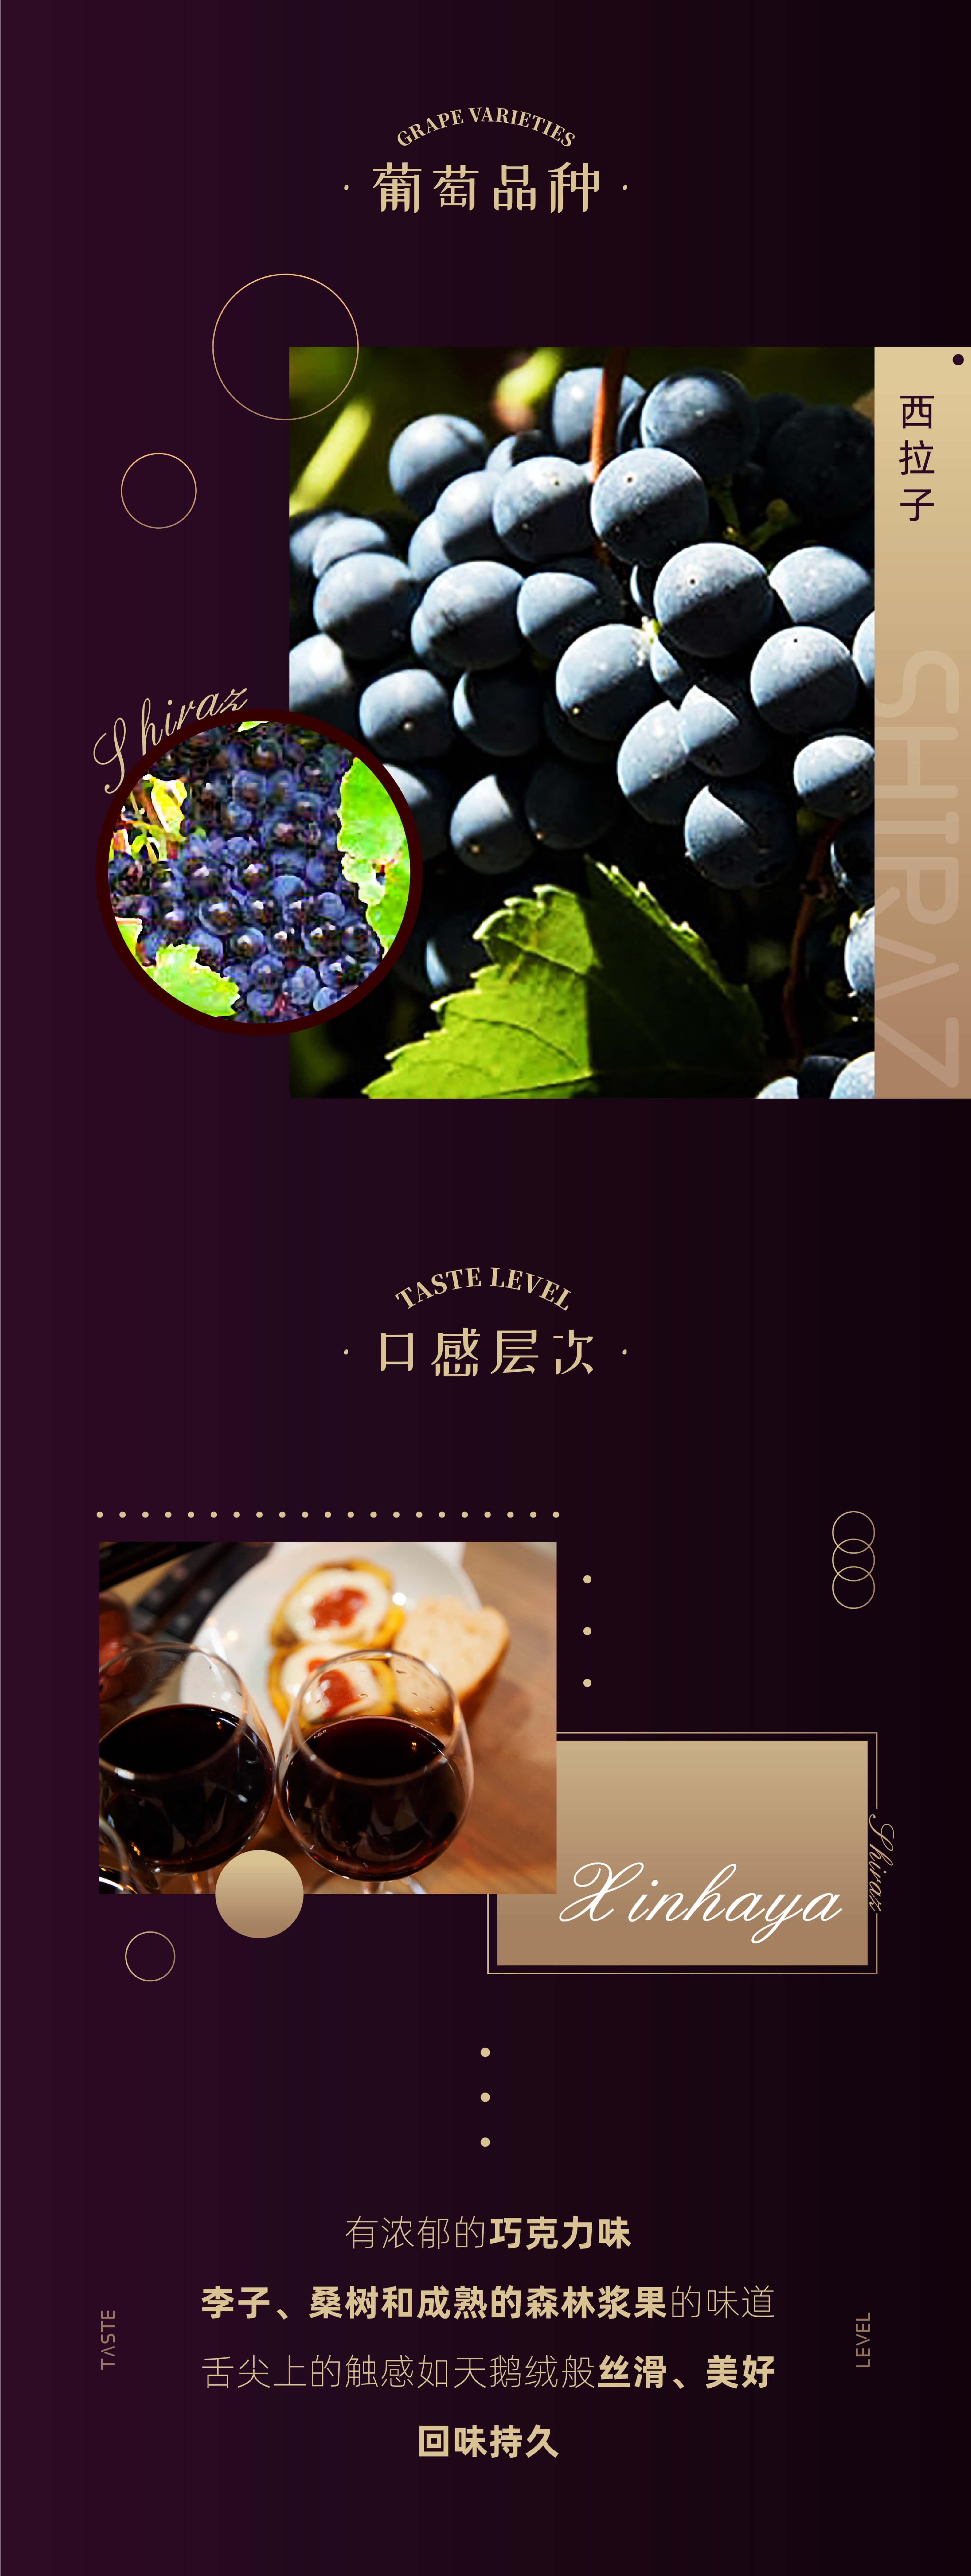 魅桀·A葡萄酒